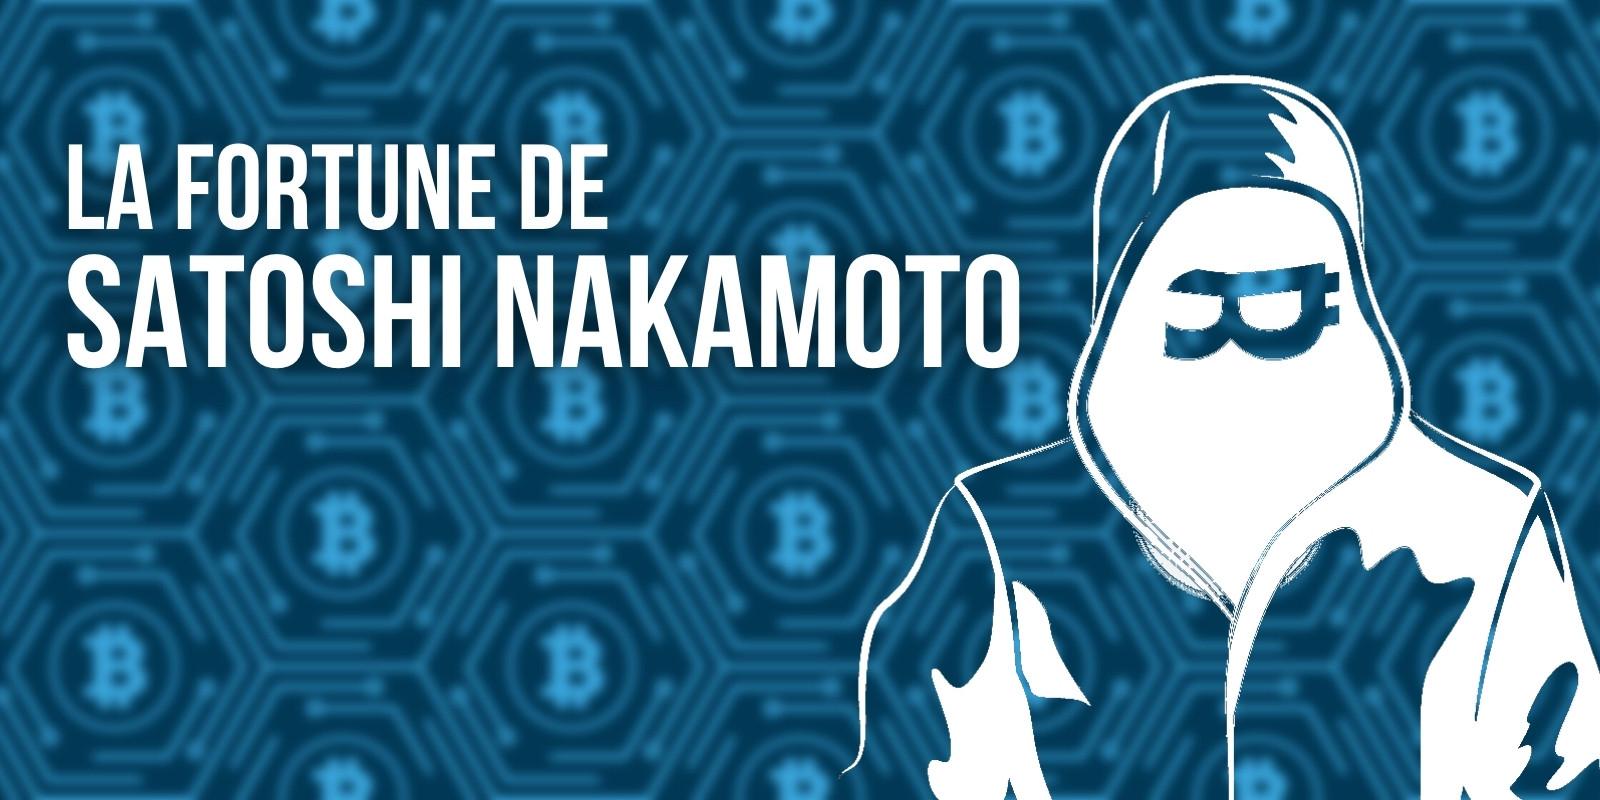 Satoshi Nakamoto est désormais la 20e personne la plus riche au monde